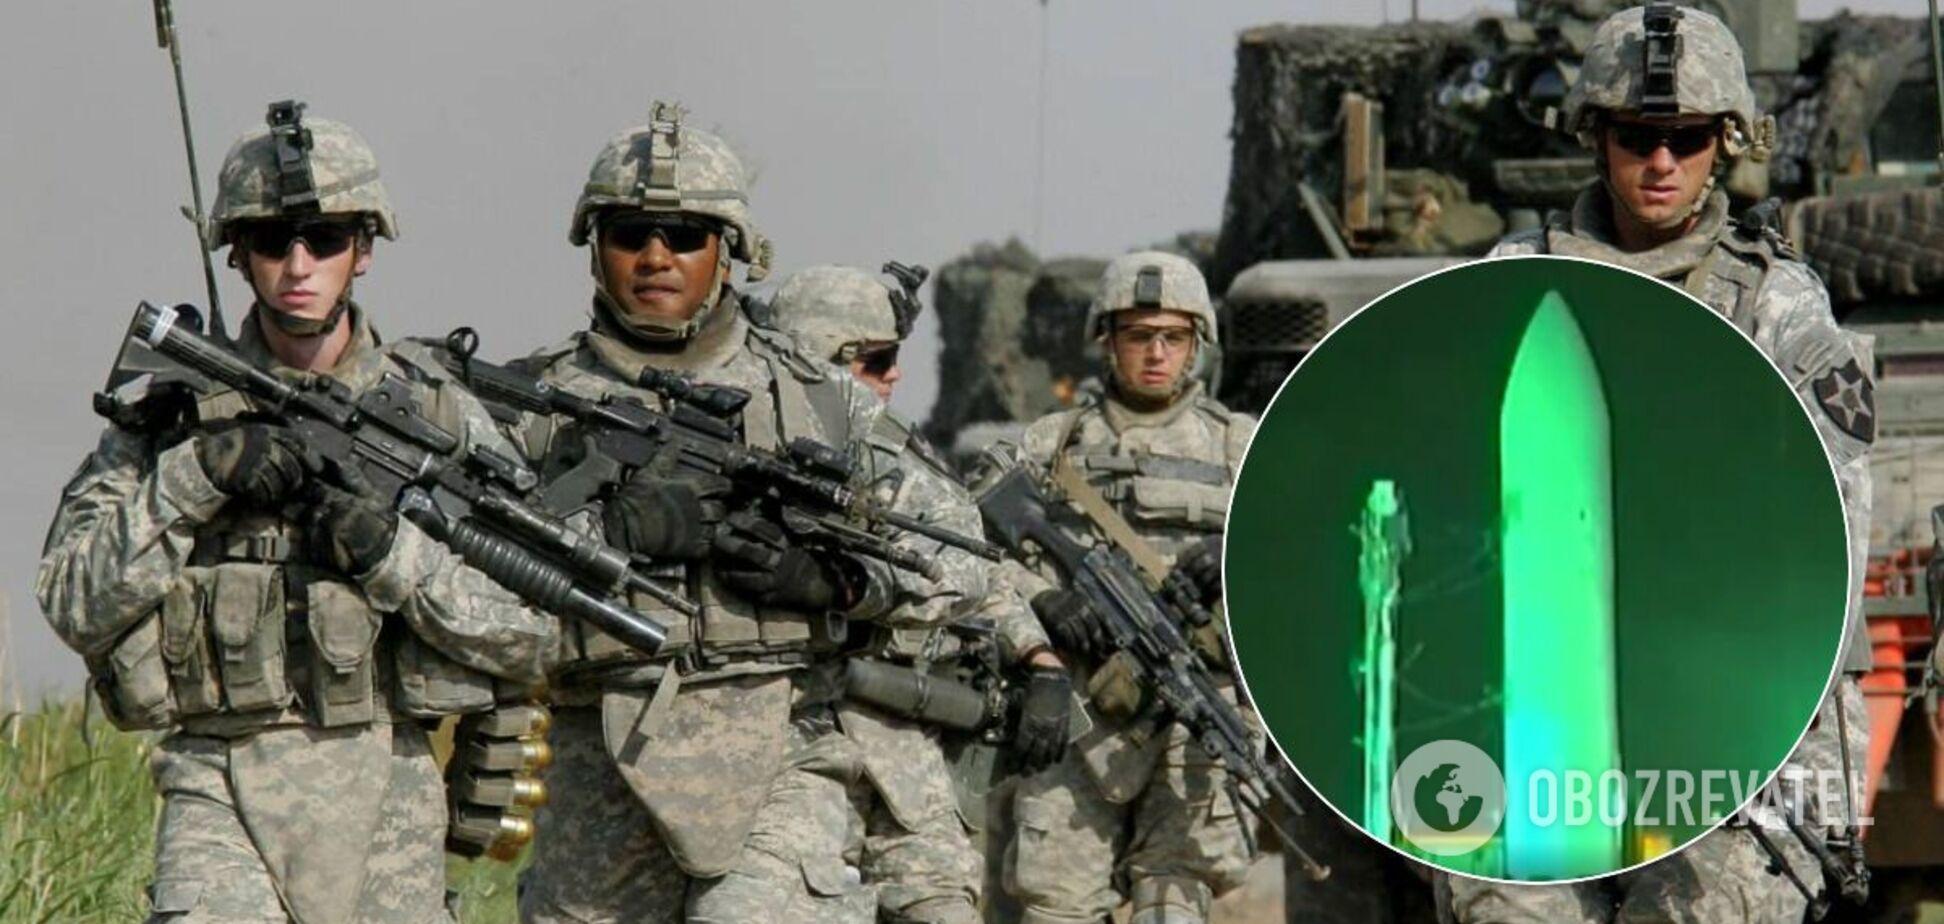 Армия США показала удар мощной гиперзвуковой ракетой C-HGB. Видео